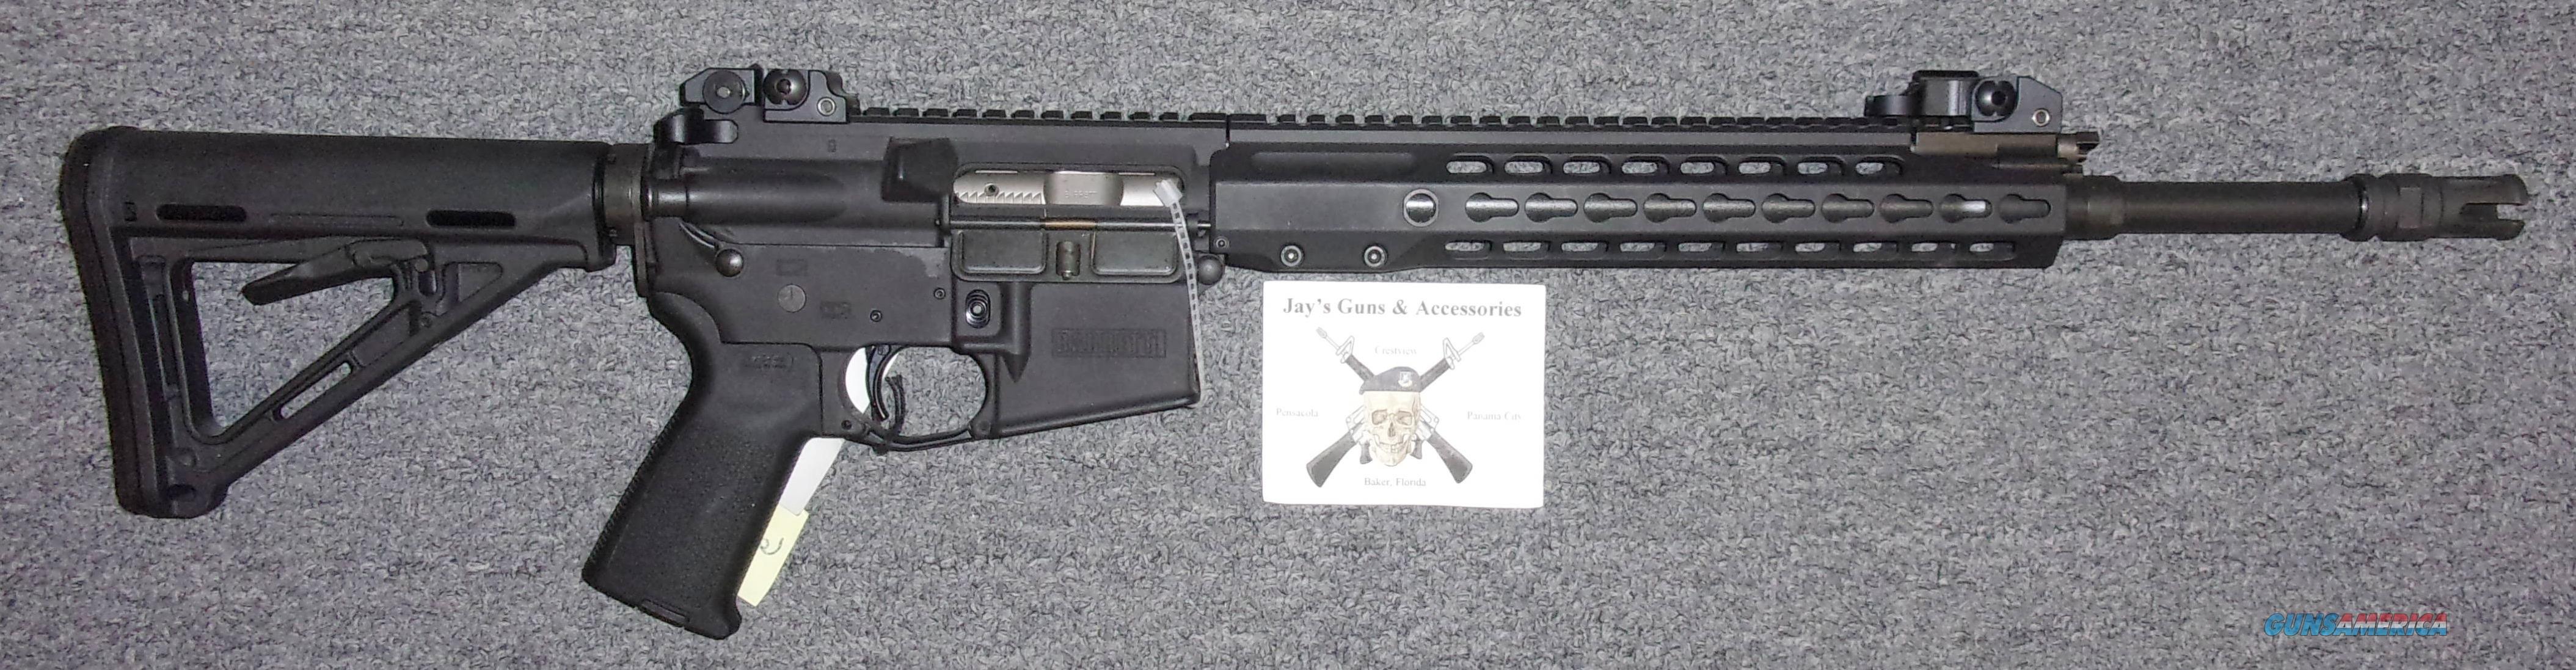 Barret Rec 7 (Gen 2)  Guns > Rifles > Barrett Rifles